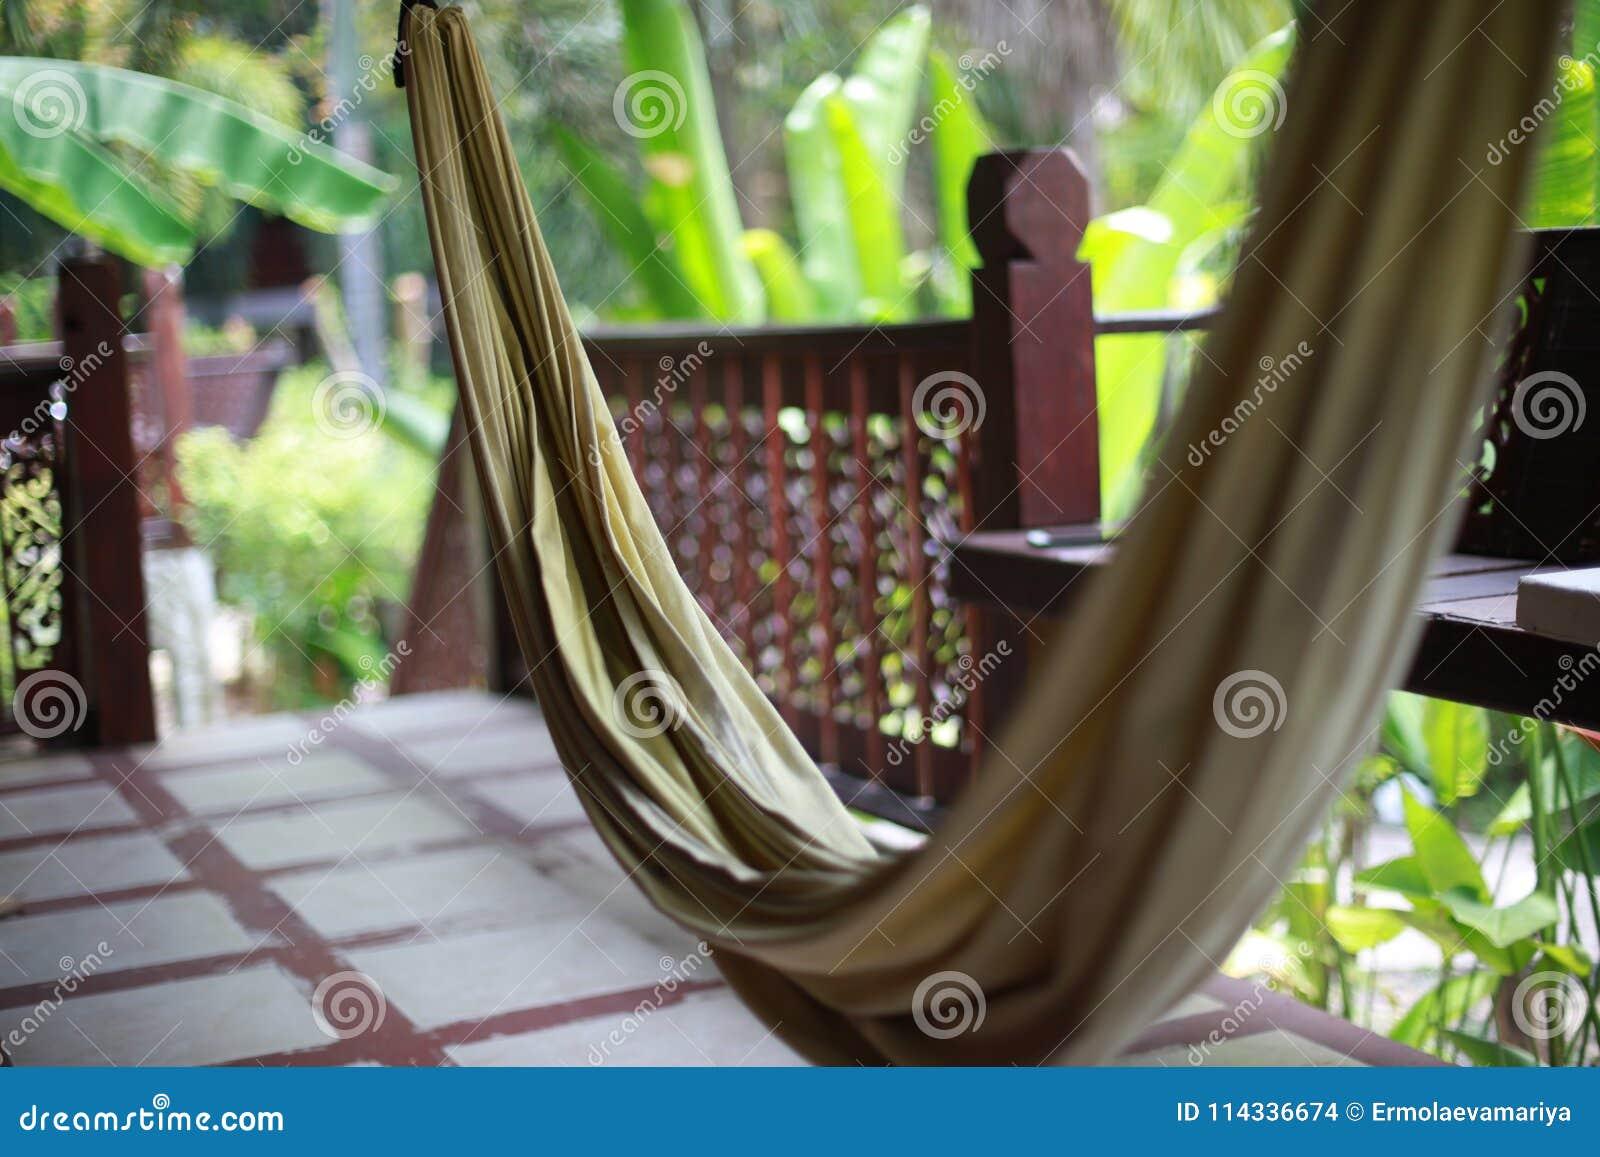 Hamac Sur La Terrasse Dune Villa Dans La Jungle Photo Stock Image